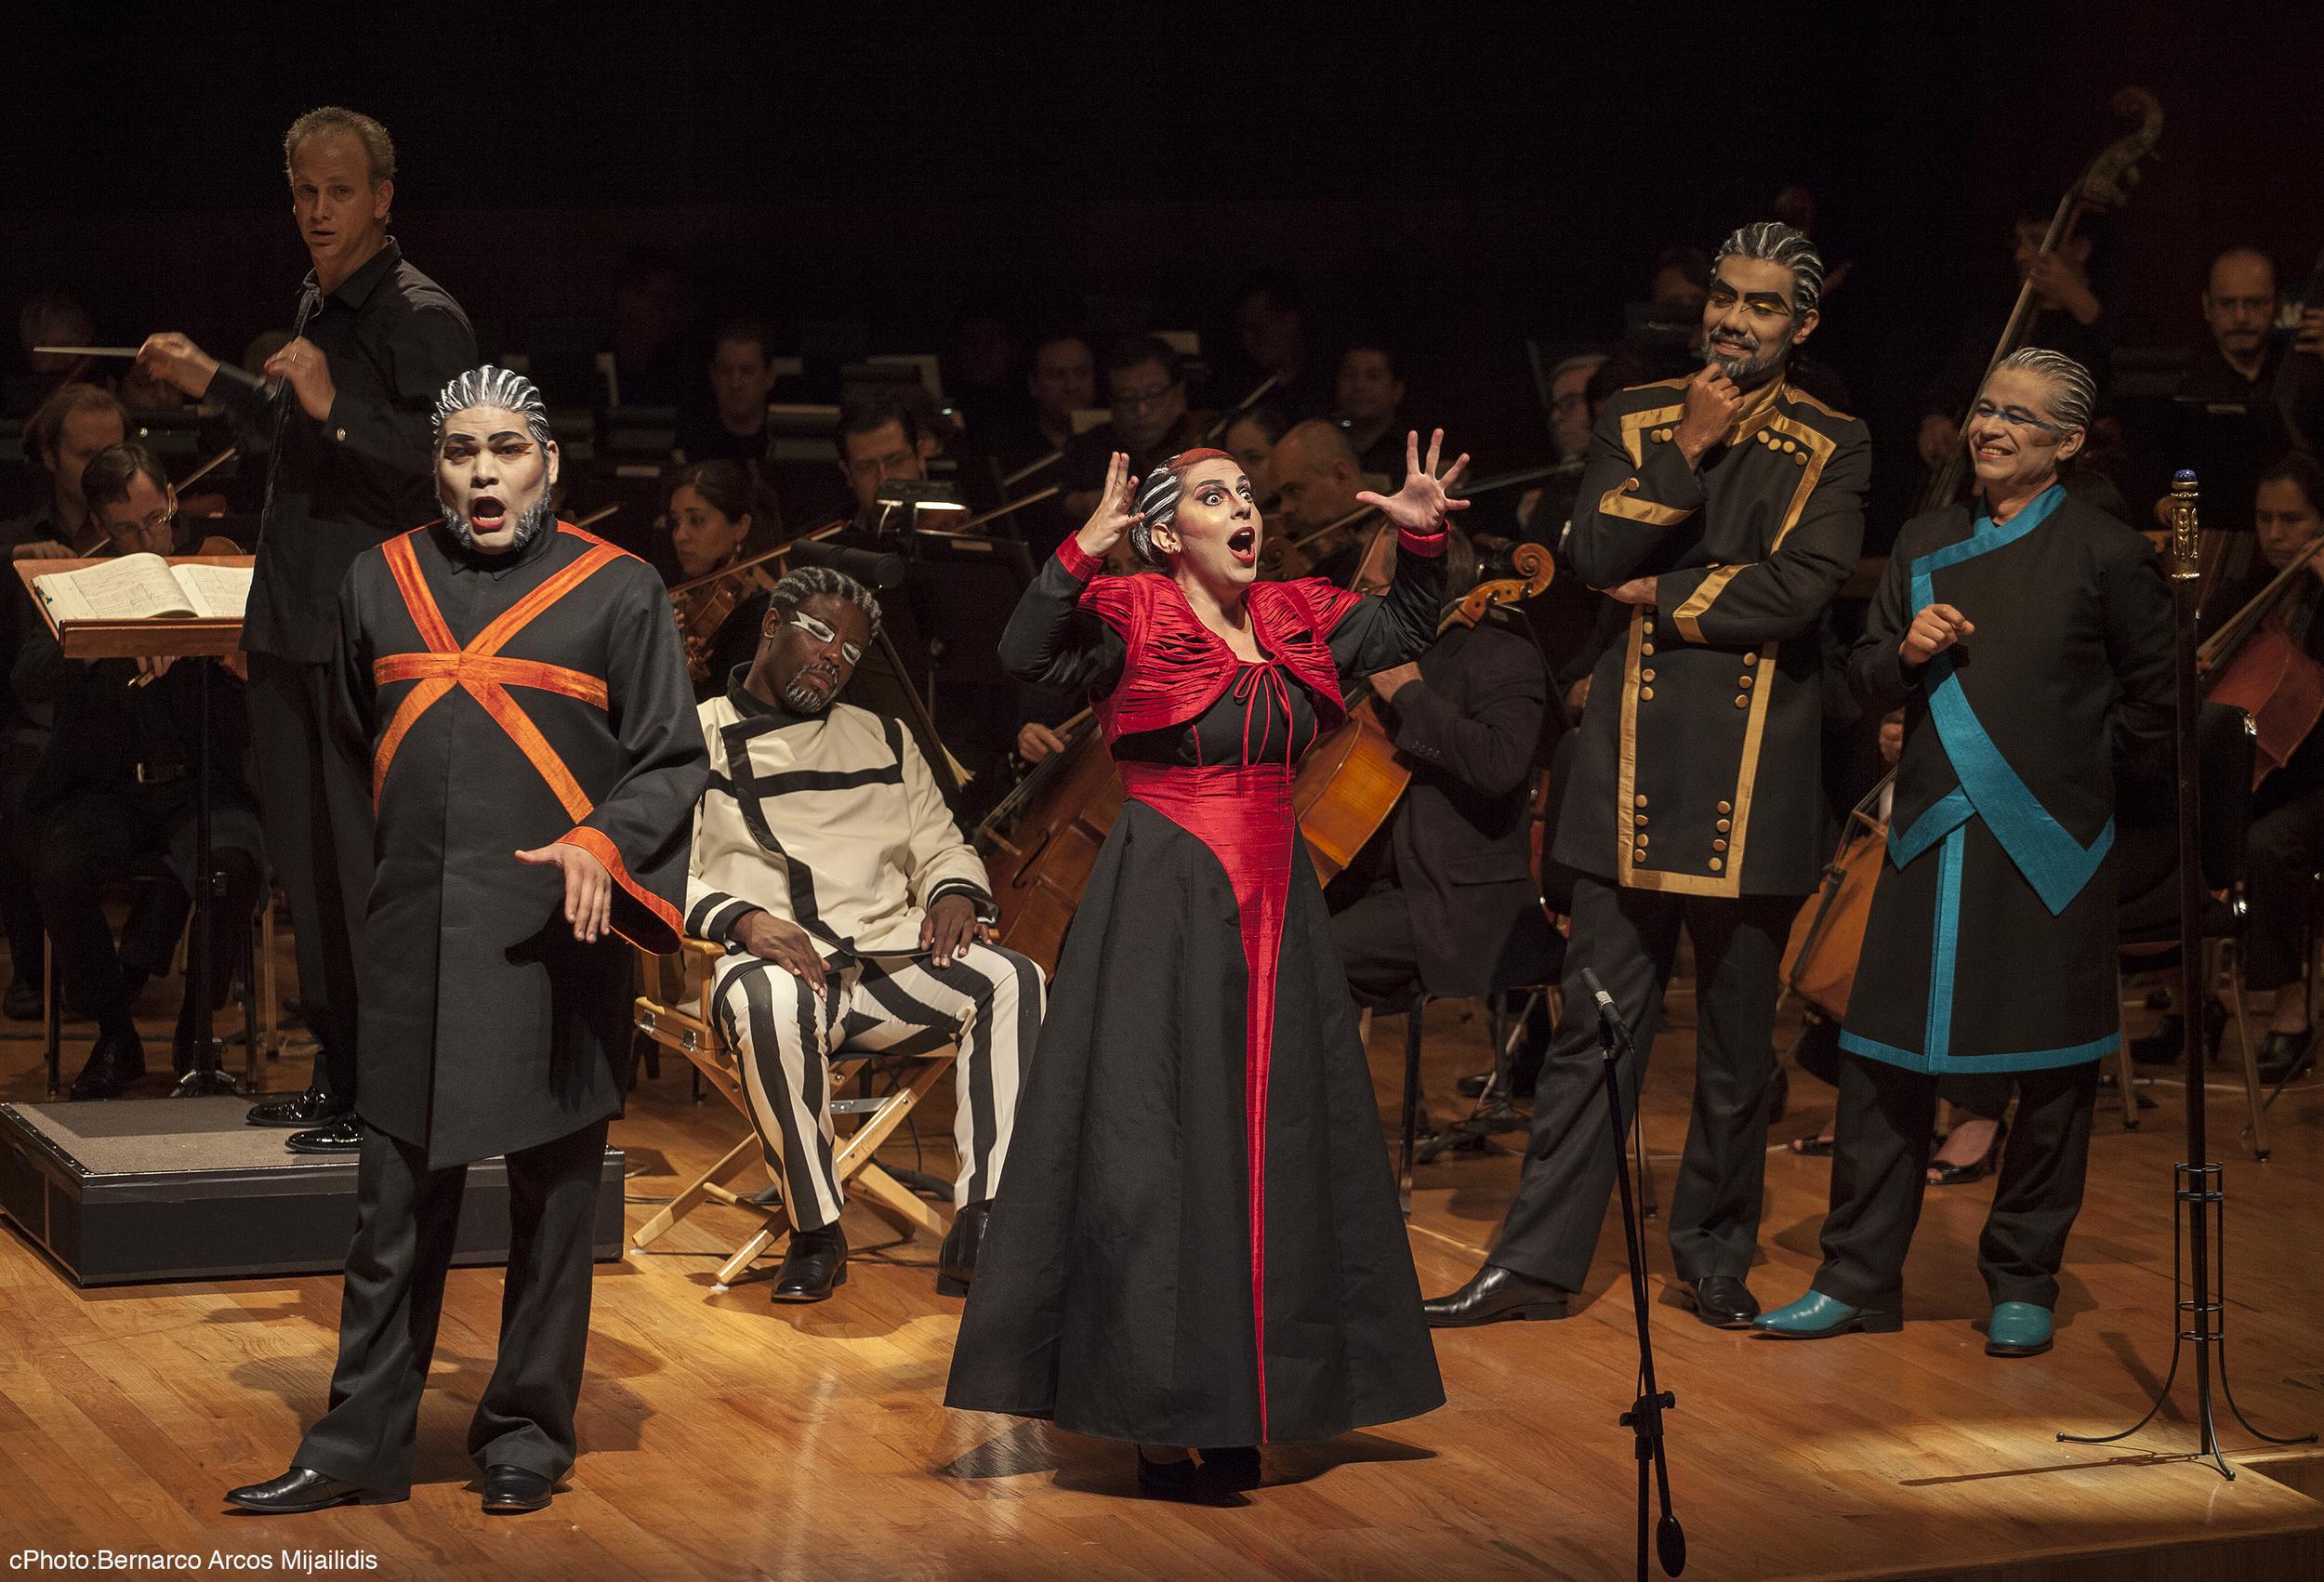 As Béatrice in Berlioz'  Béatrice   et   Bénédict,  with Ernesto Ramirez.  Orquesta Sinfonica de Minería  (Prieto), Mexico City photo: Bernarco Arcos Mijailidis